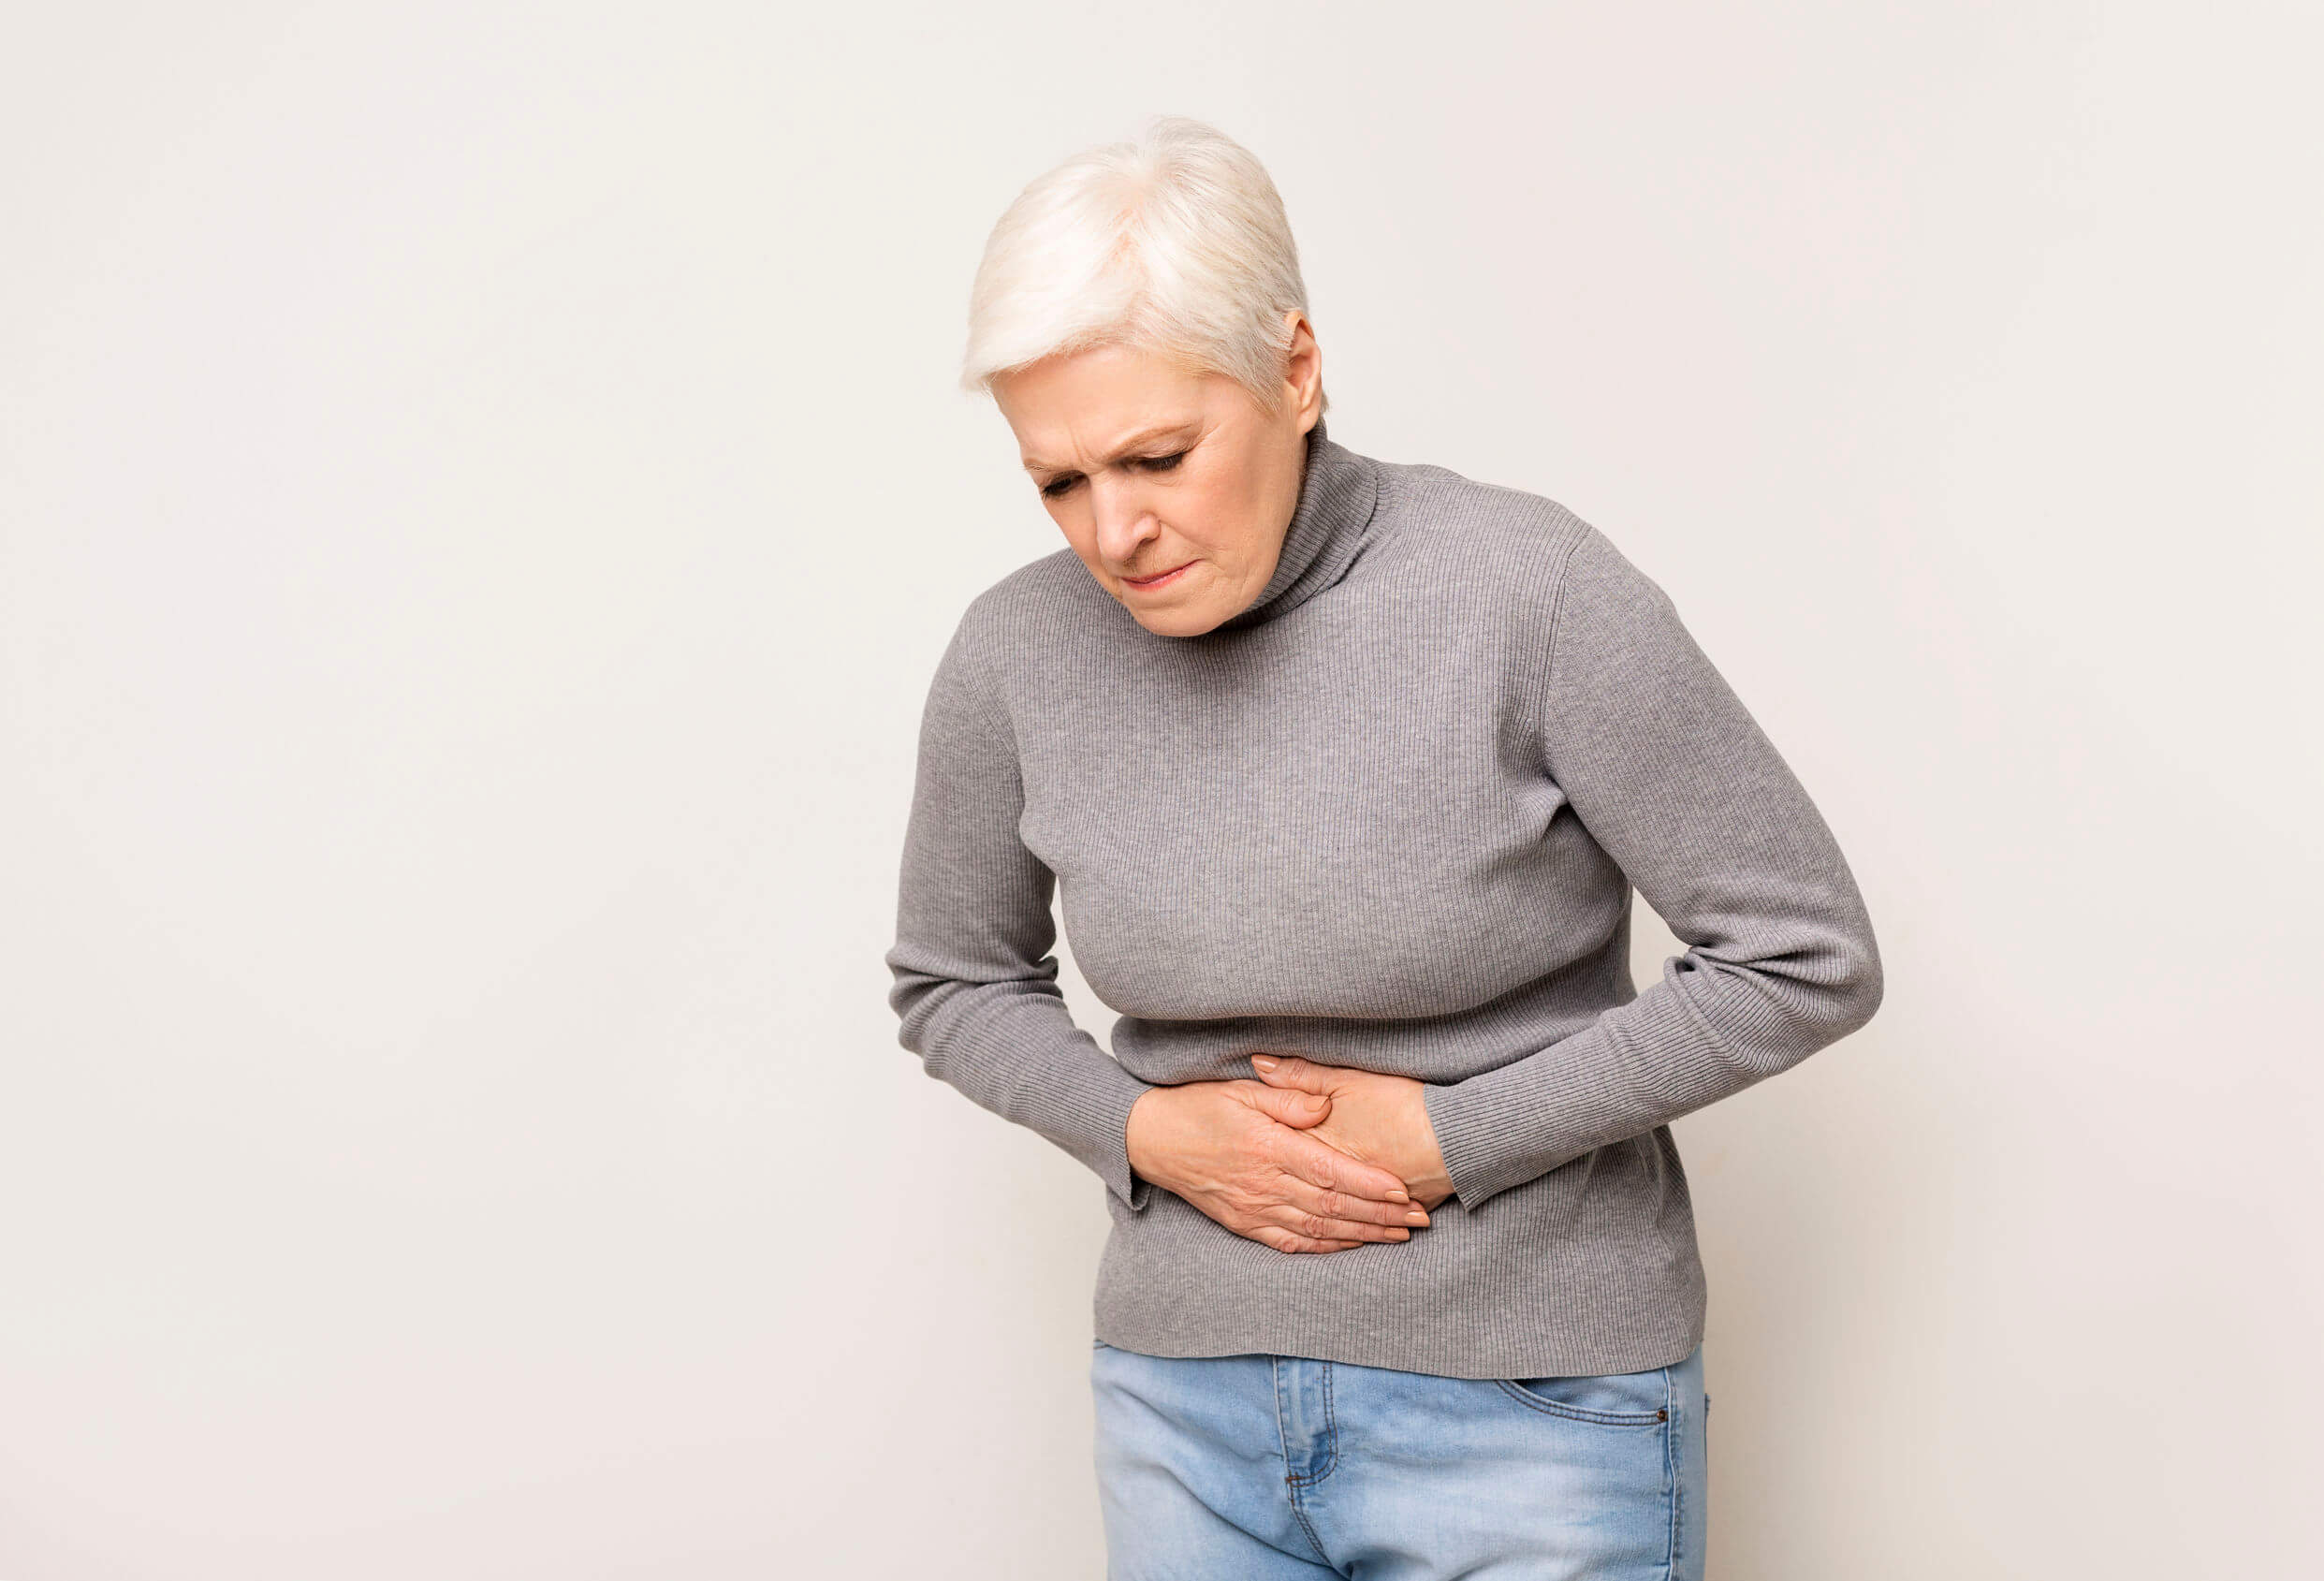 Un raro effetto collaterale della simvastatina sono i disturbi gastrici